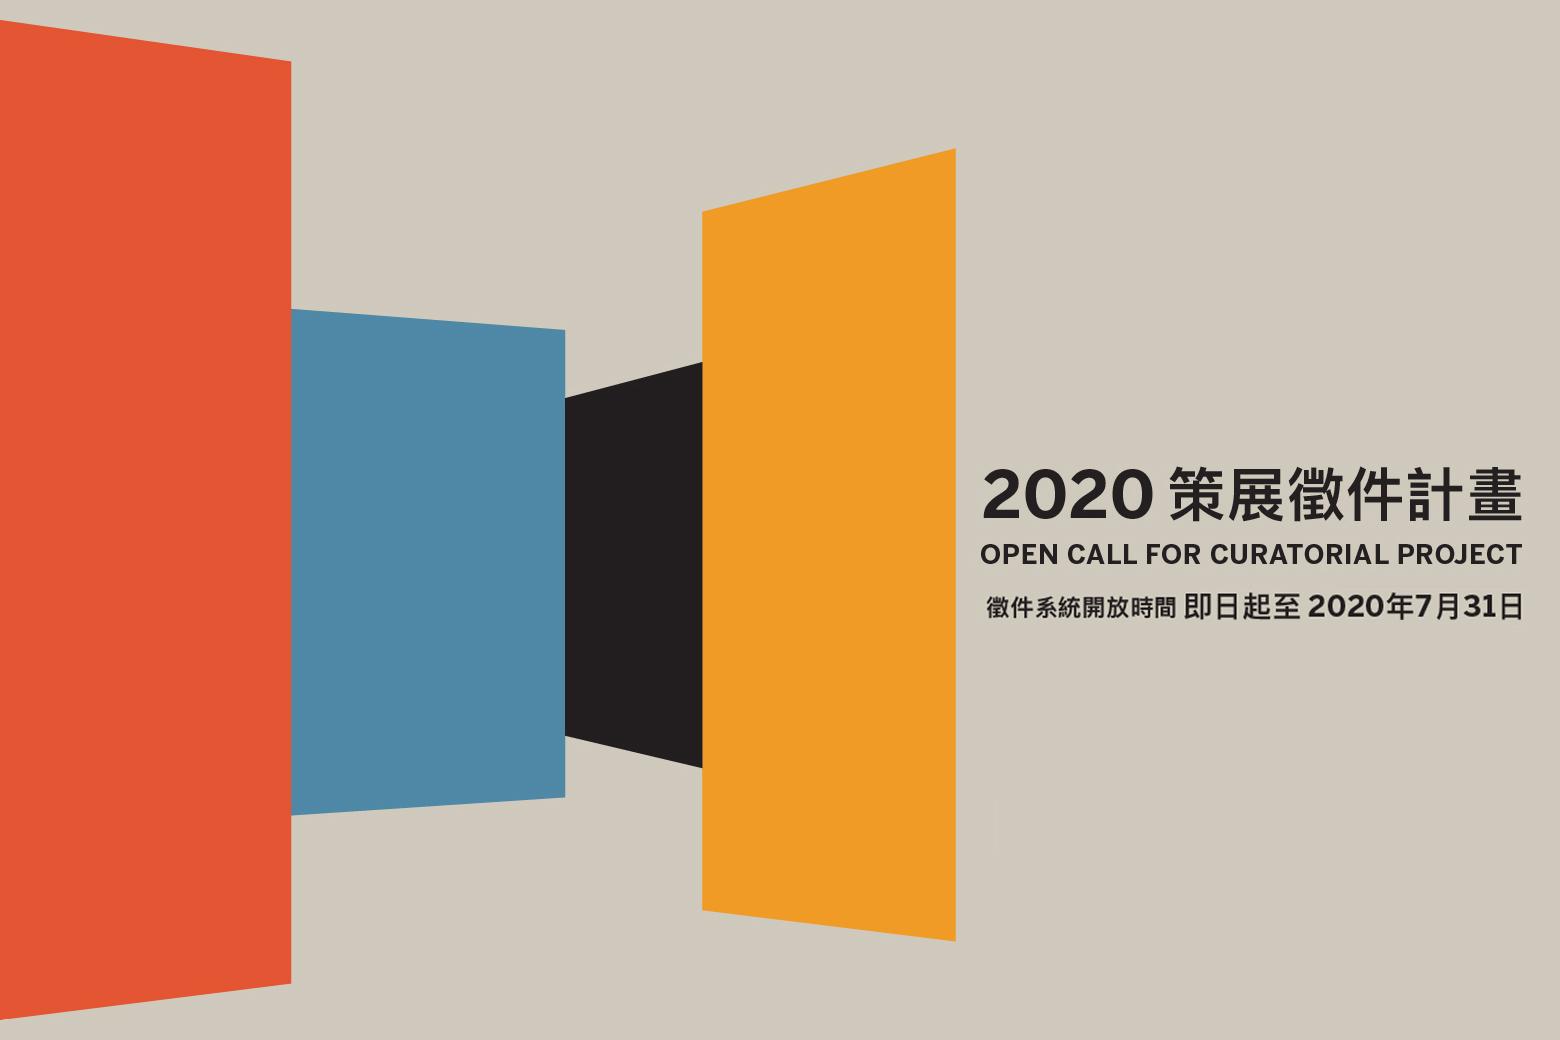 臺北市立美術館:2020/05/25-2020/07/31【2020 策展徵件計畫】